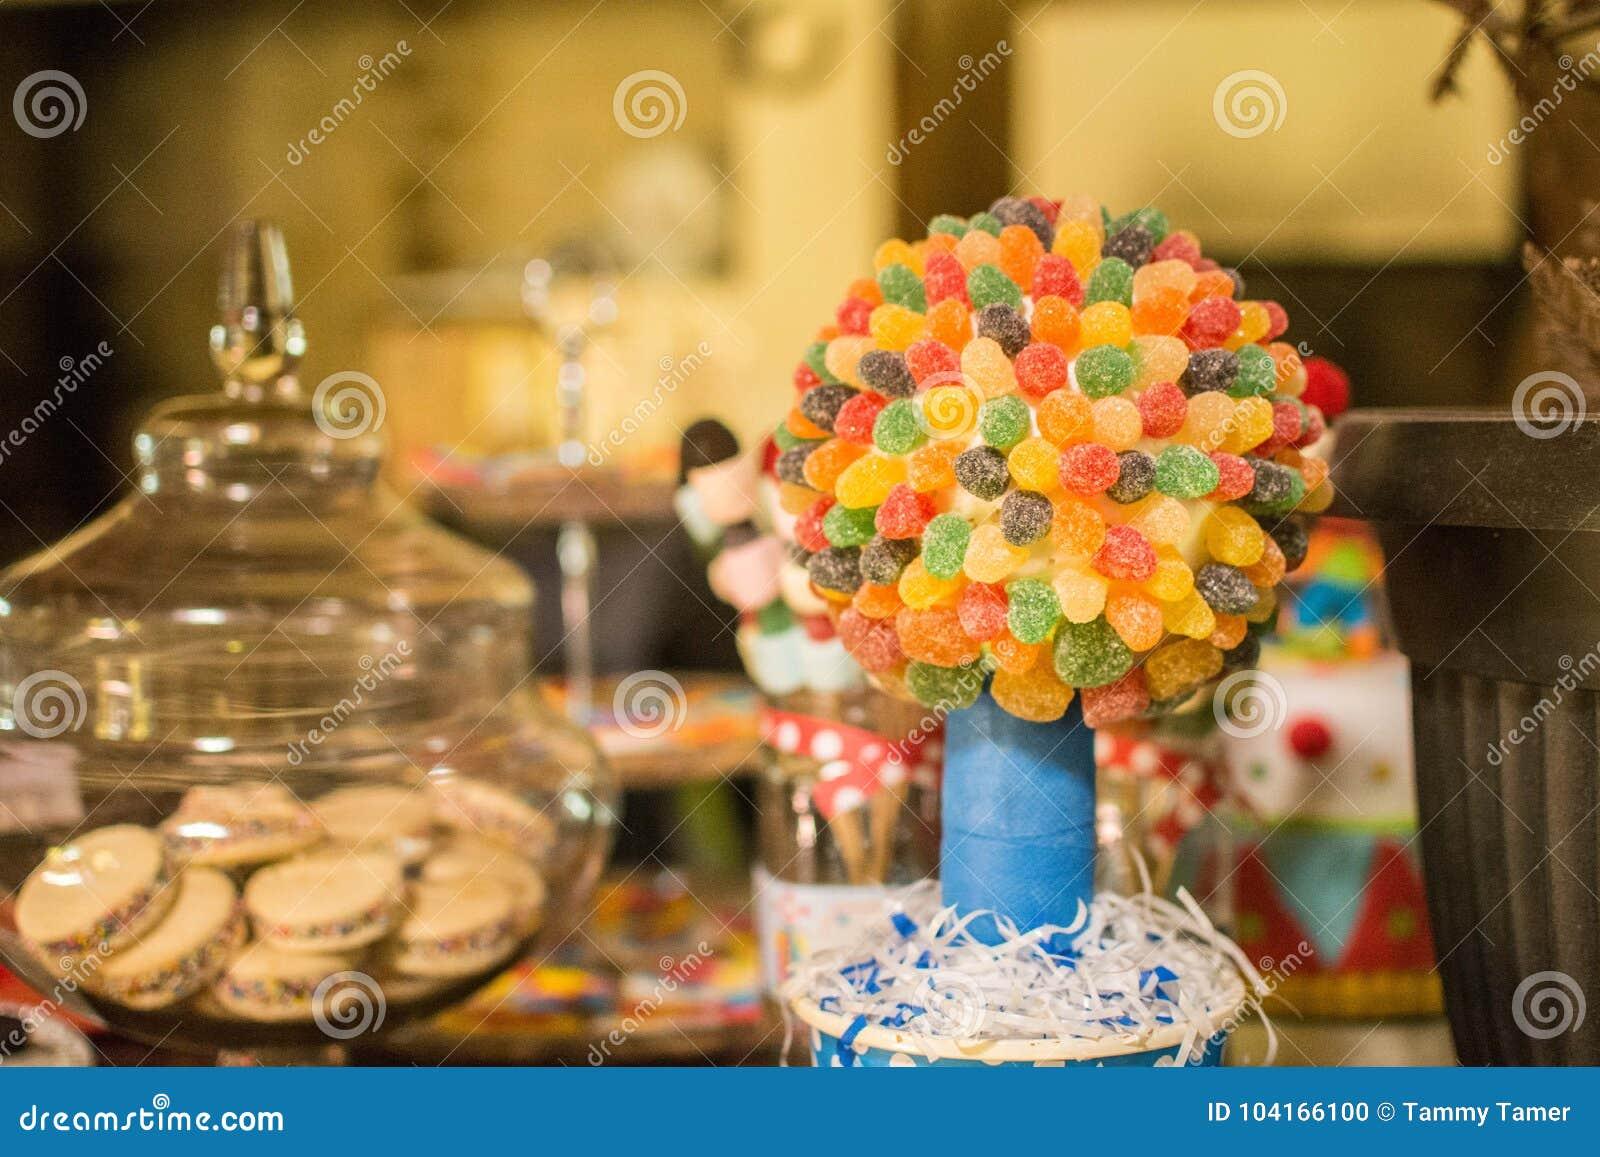 糖果时间生日聚会甜点片刻